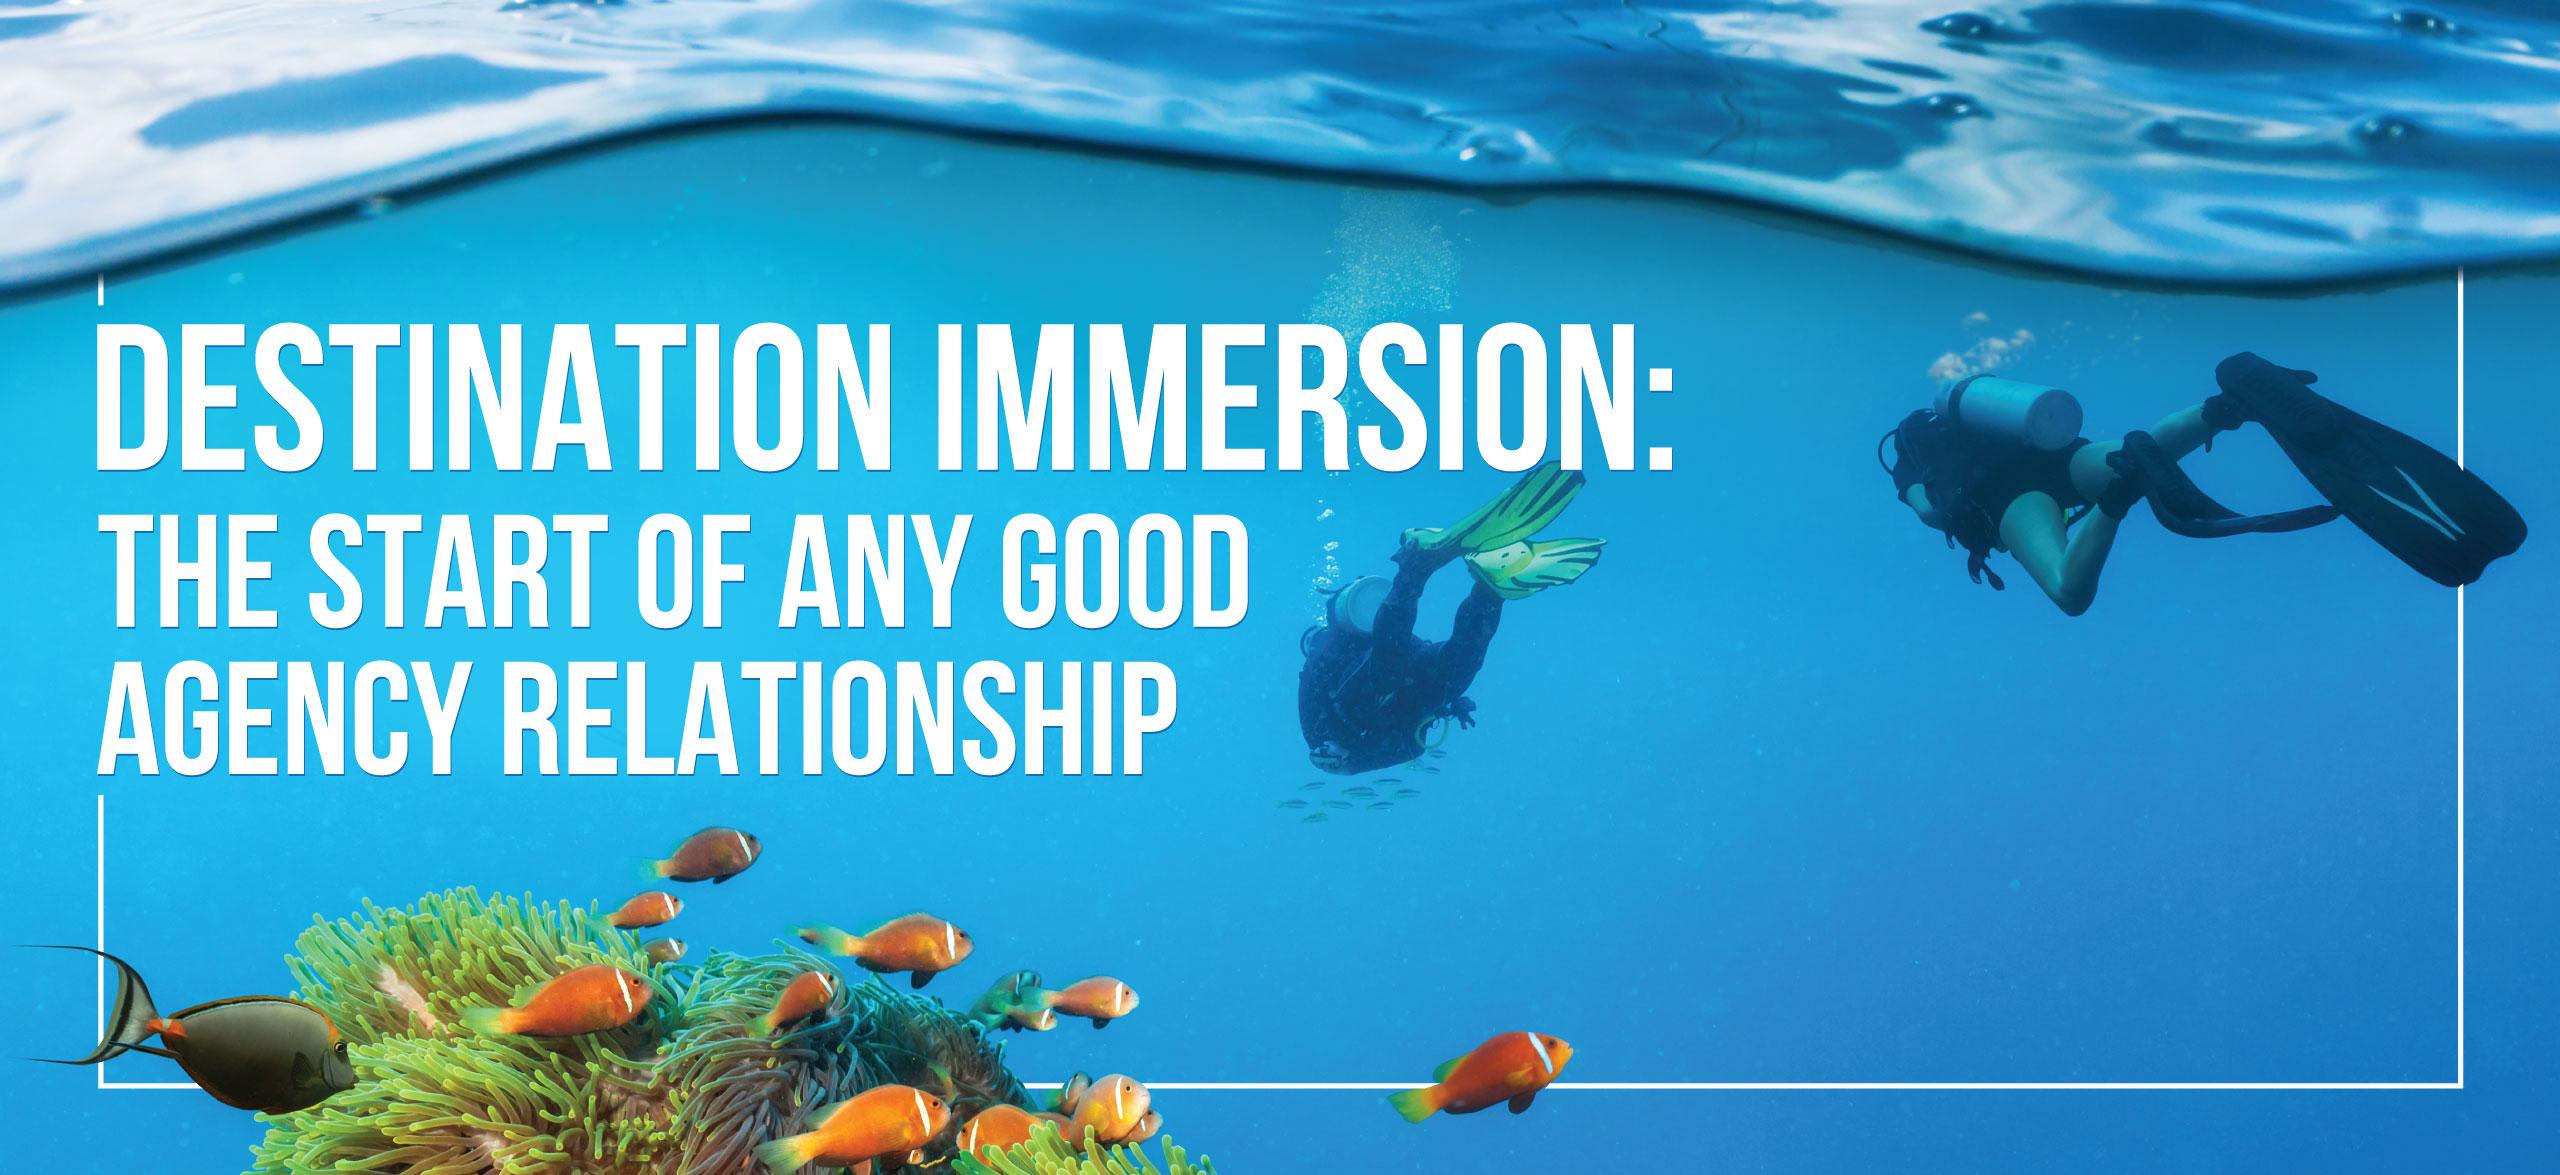 Destination Immersion